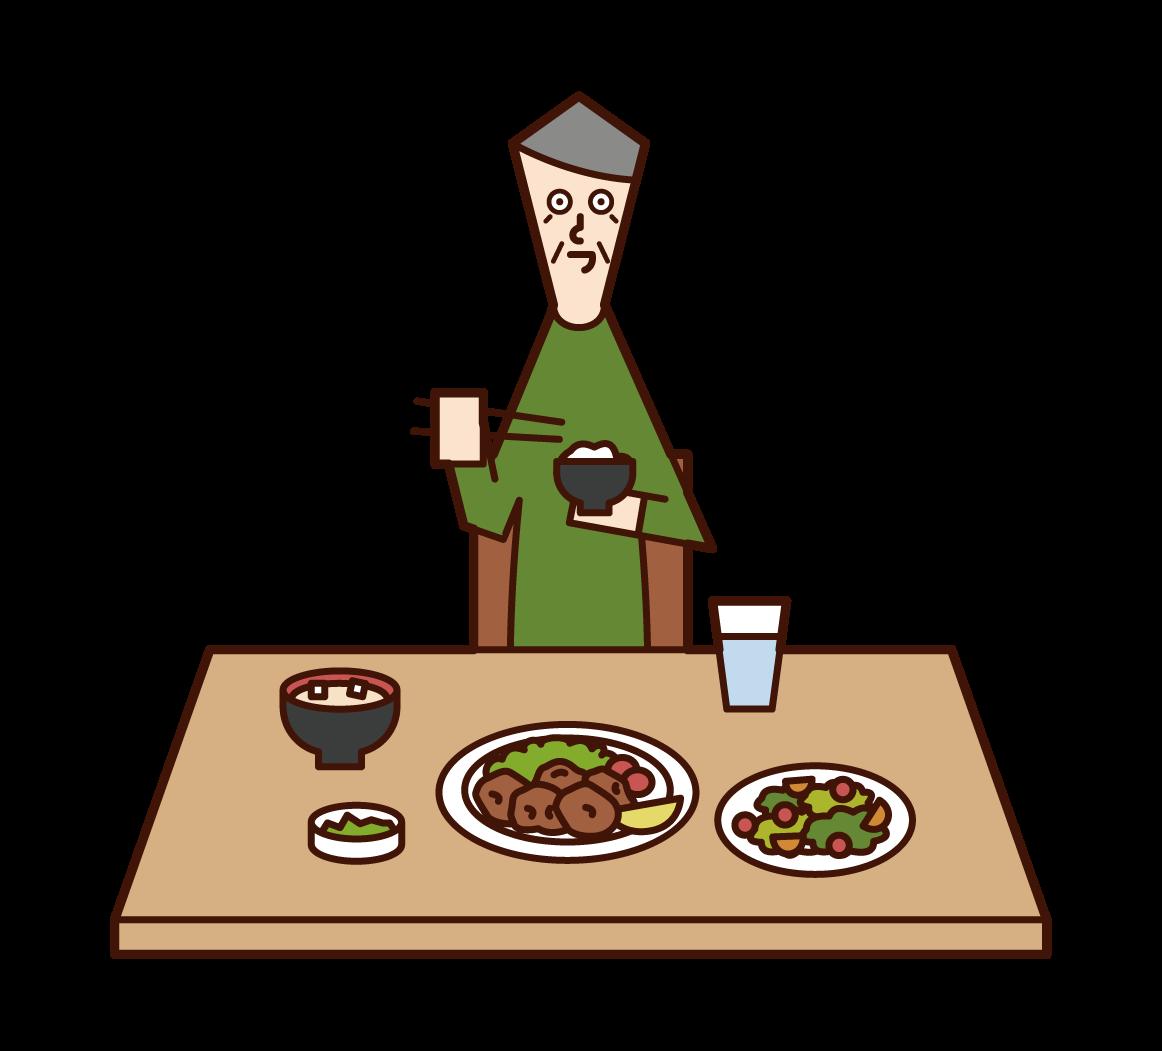 食事をする老人(男性)のイラスト